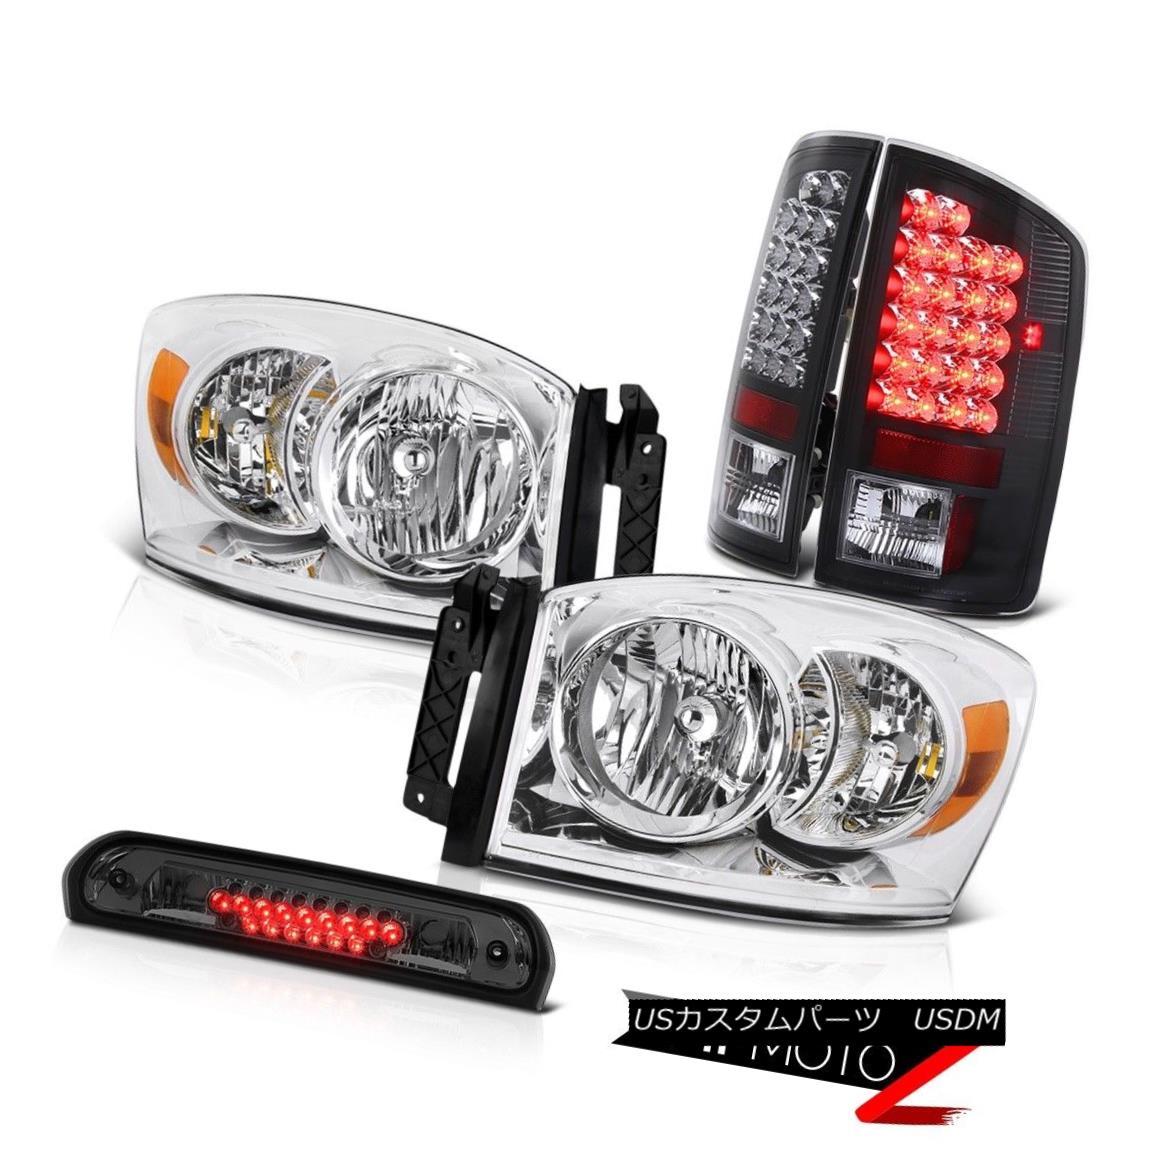 ヘッドライト 2006 Dodge Ram SLT Euro Chrome Headlights Black LED Taillights High Stop Smoke 2006ダッジラムSLTユーロクロームヘッドライトブラックLEDテールライトハイストップスモーク